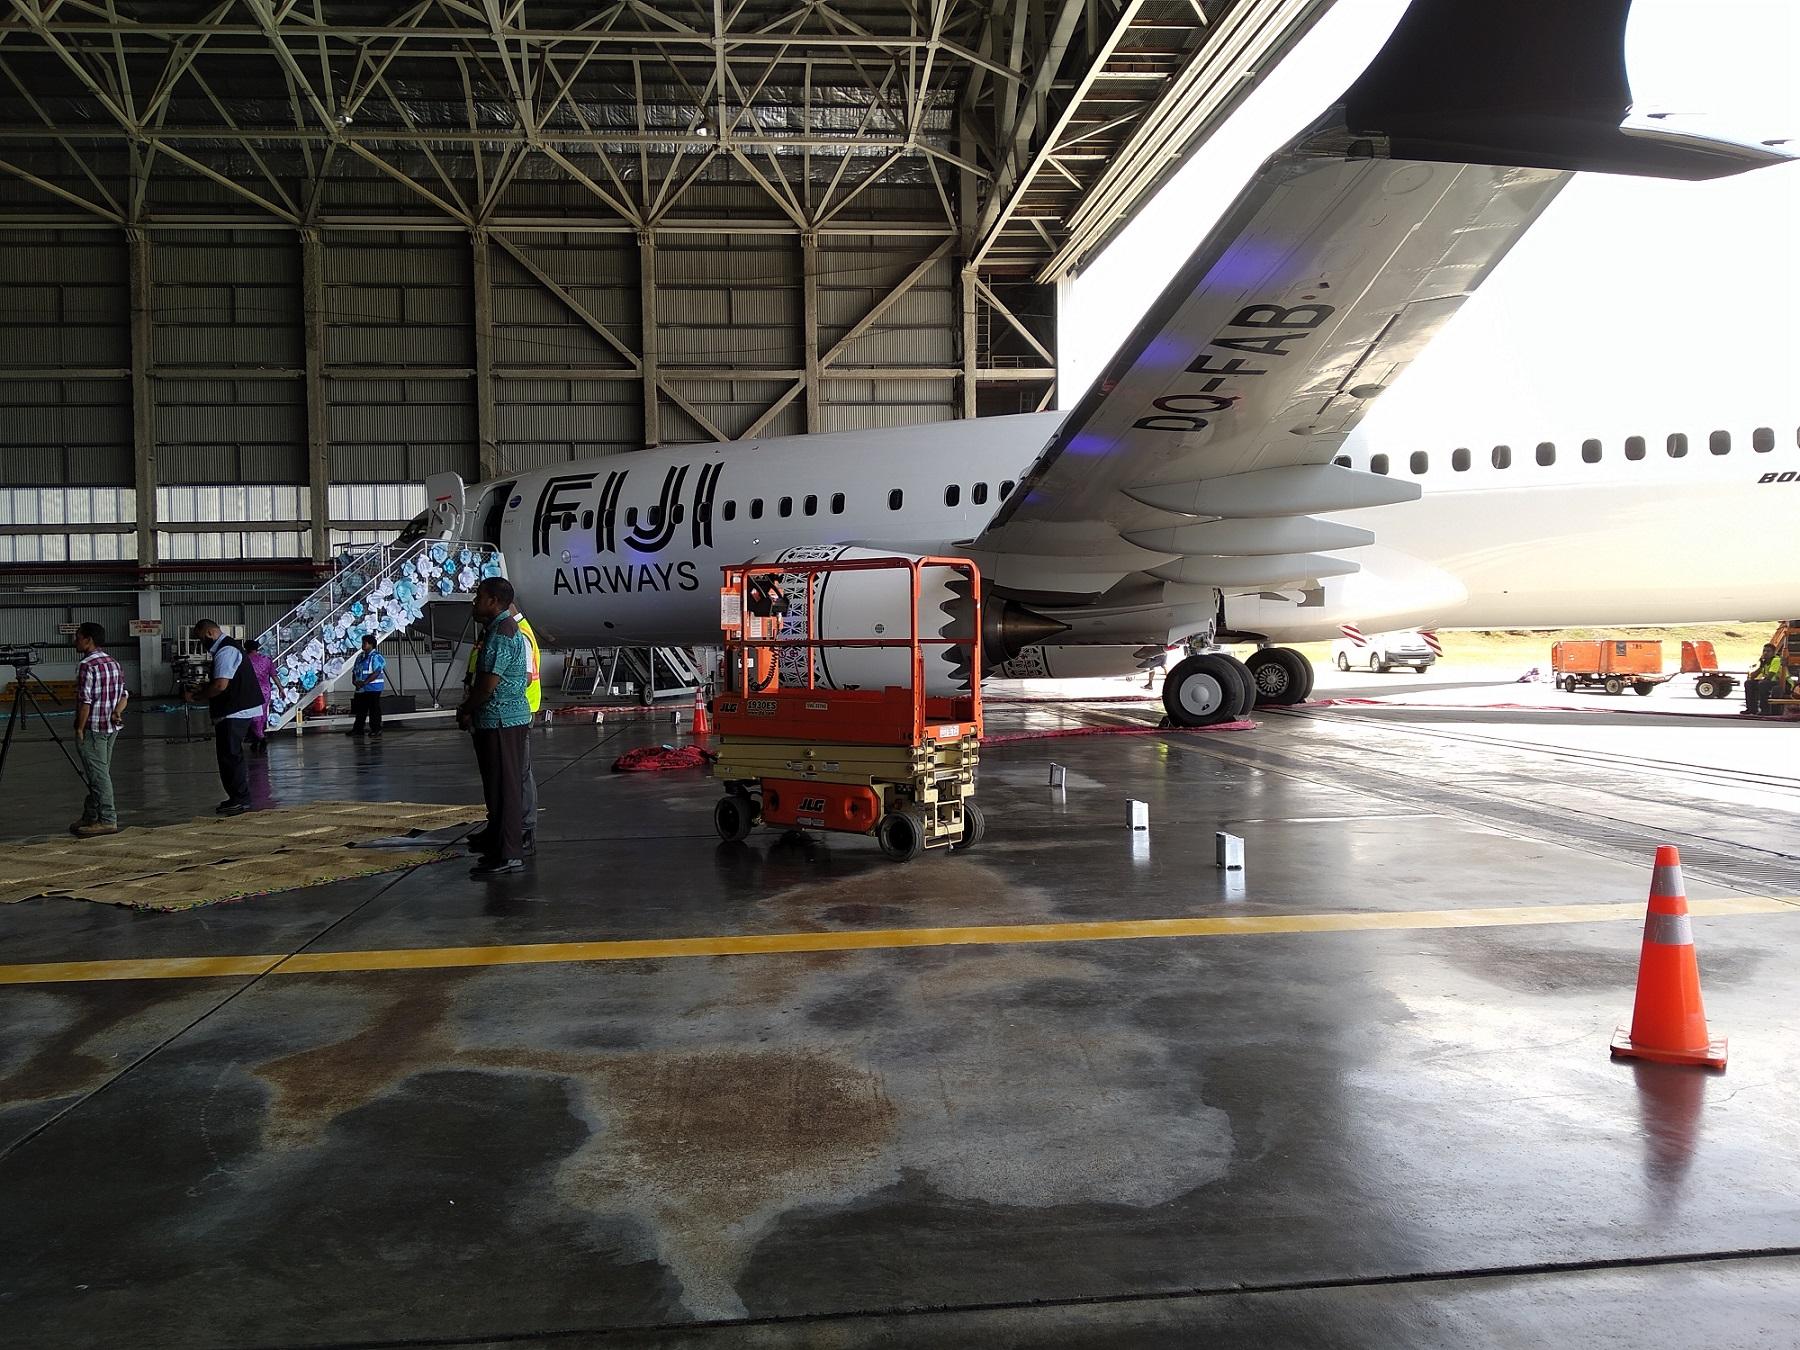 波音公司向斐济航空交付首架波音737 MAX 8飞机